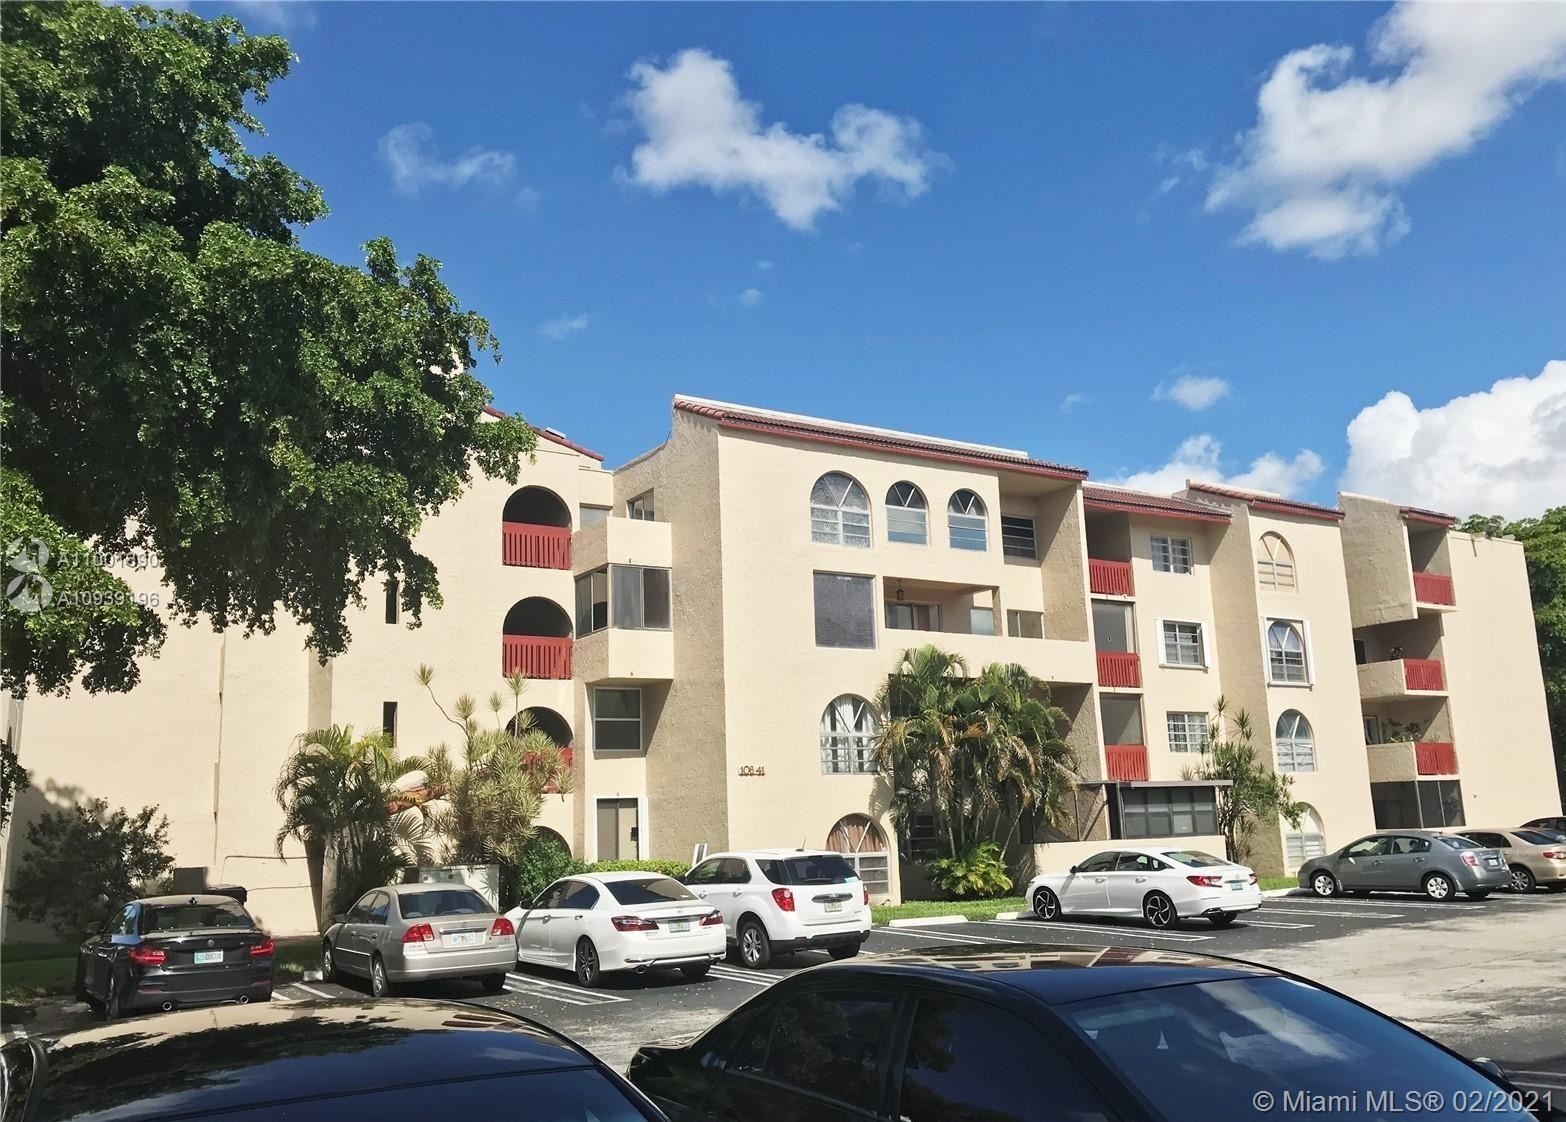 10641 SW 108th Ave #3H, Miami, FL 33176 - #: A11001690